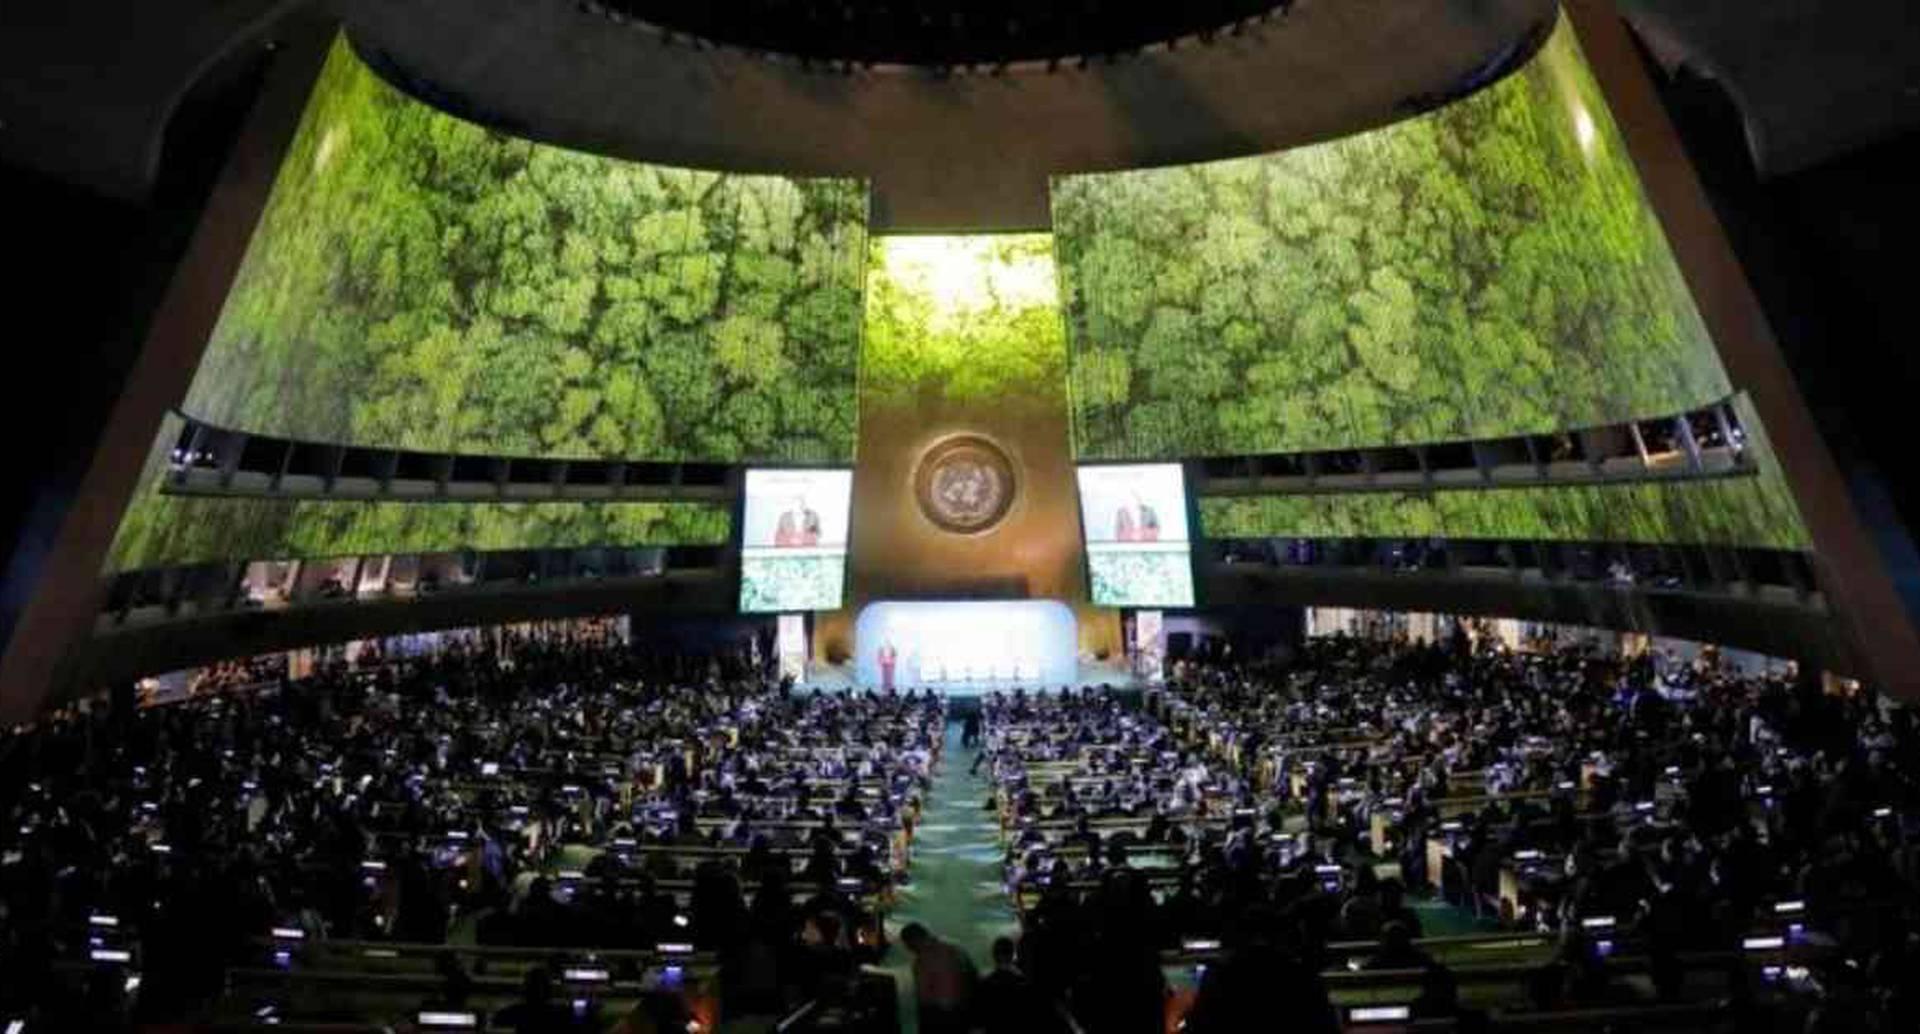 Los anuncios hechos por los mandatarios se llevaron a cabo en la Cumbre de la ONU sobre el clima realizada en Nueva York. Foto: Reuters vía DW.